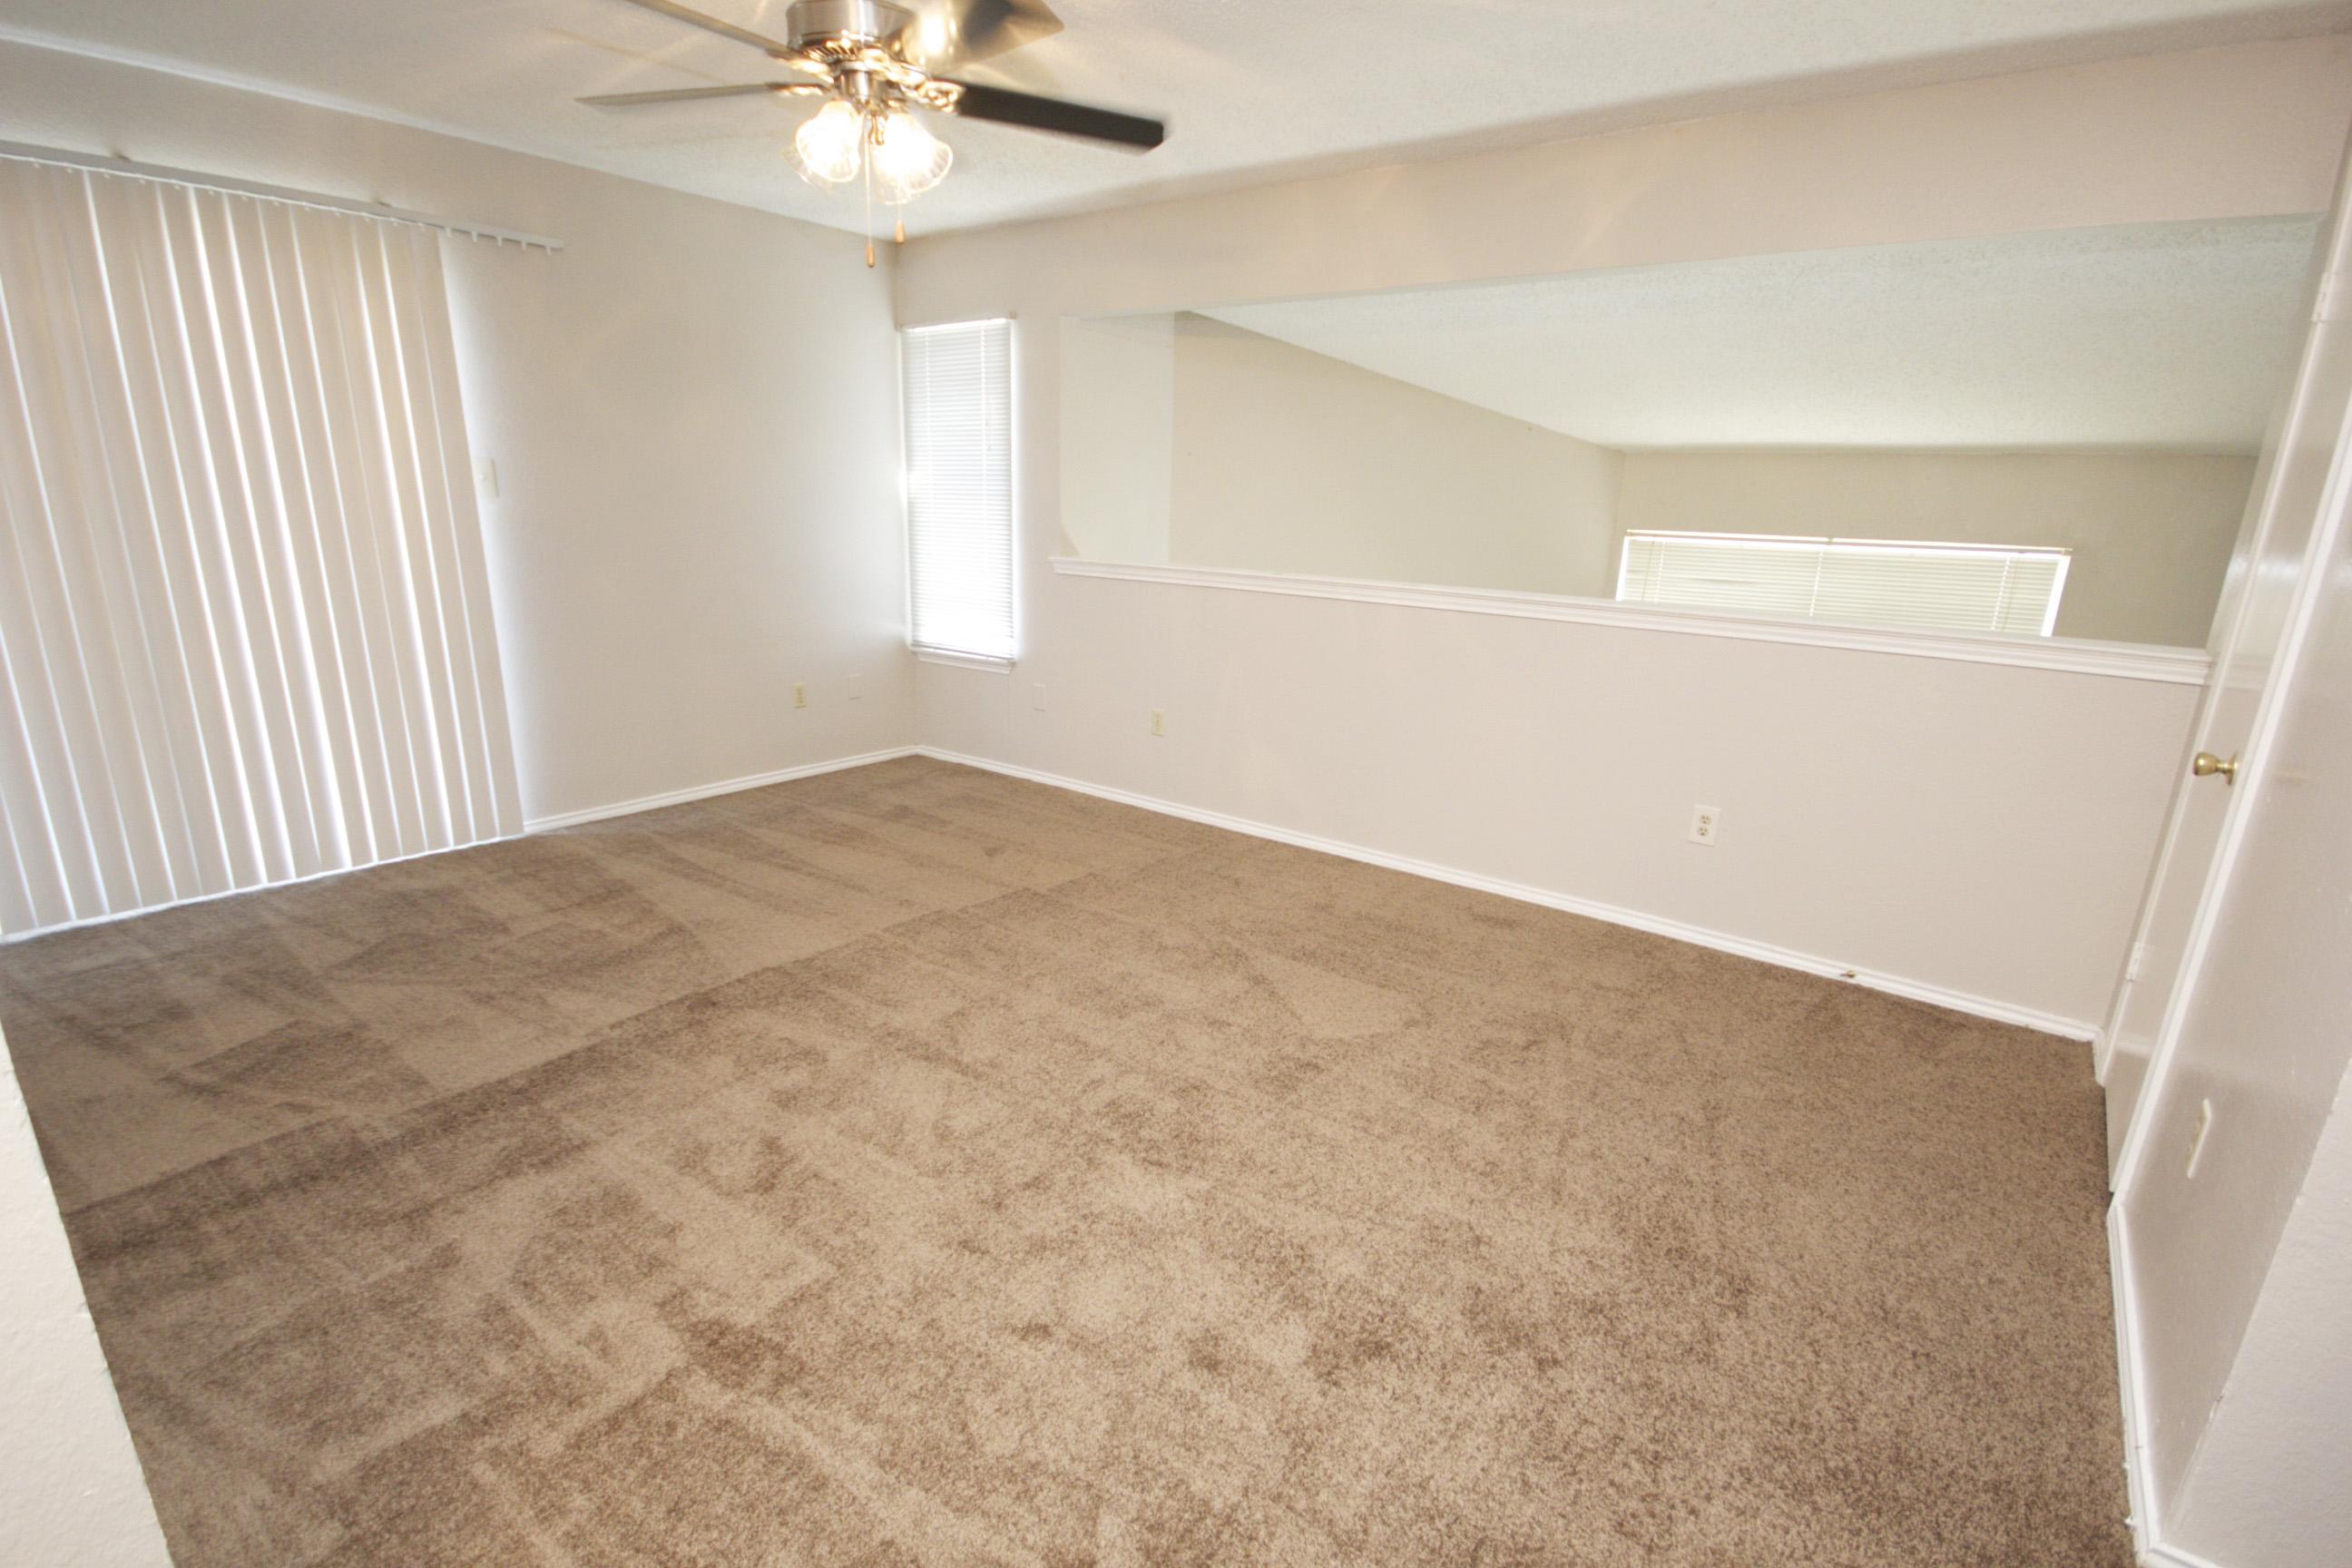 Plush Carpeting at Quail Ridge Apartments in Grand Prairie, Texas